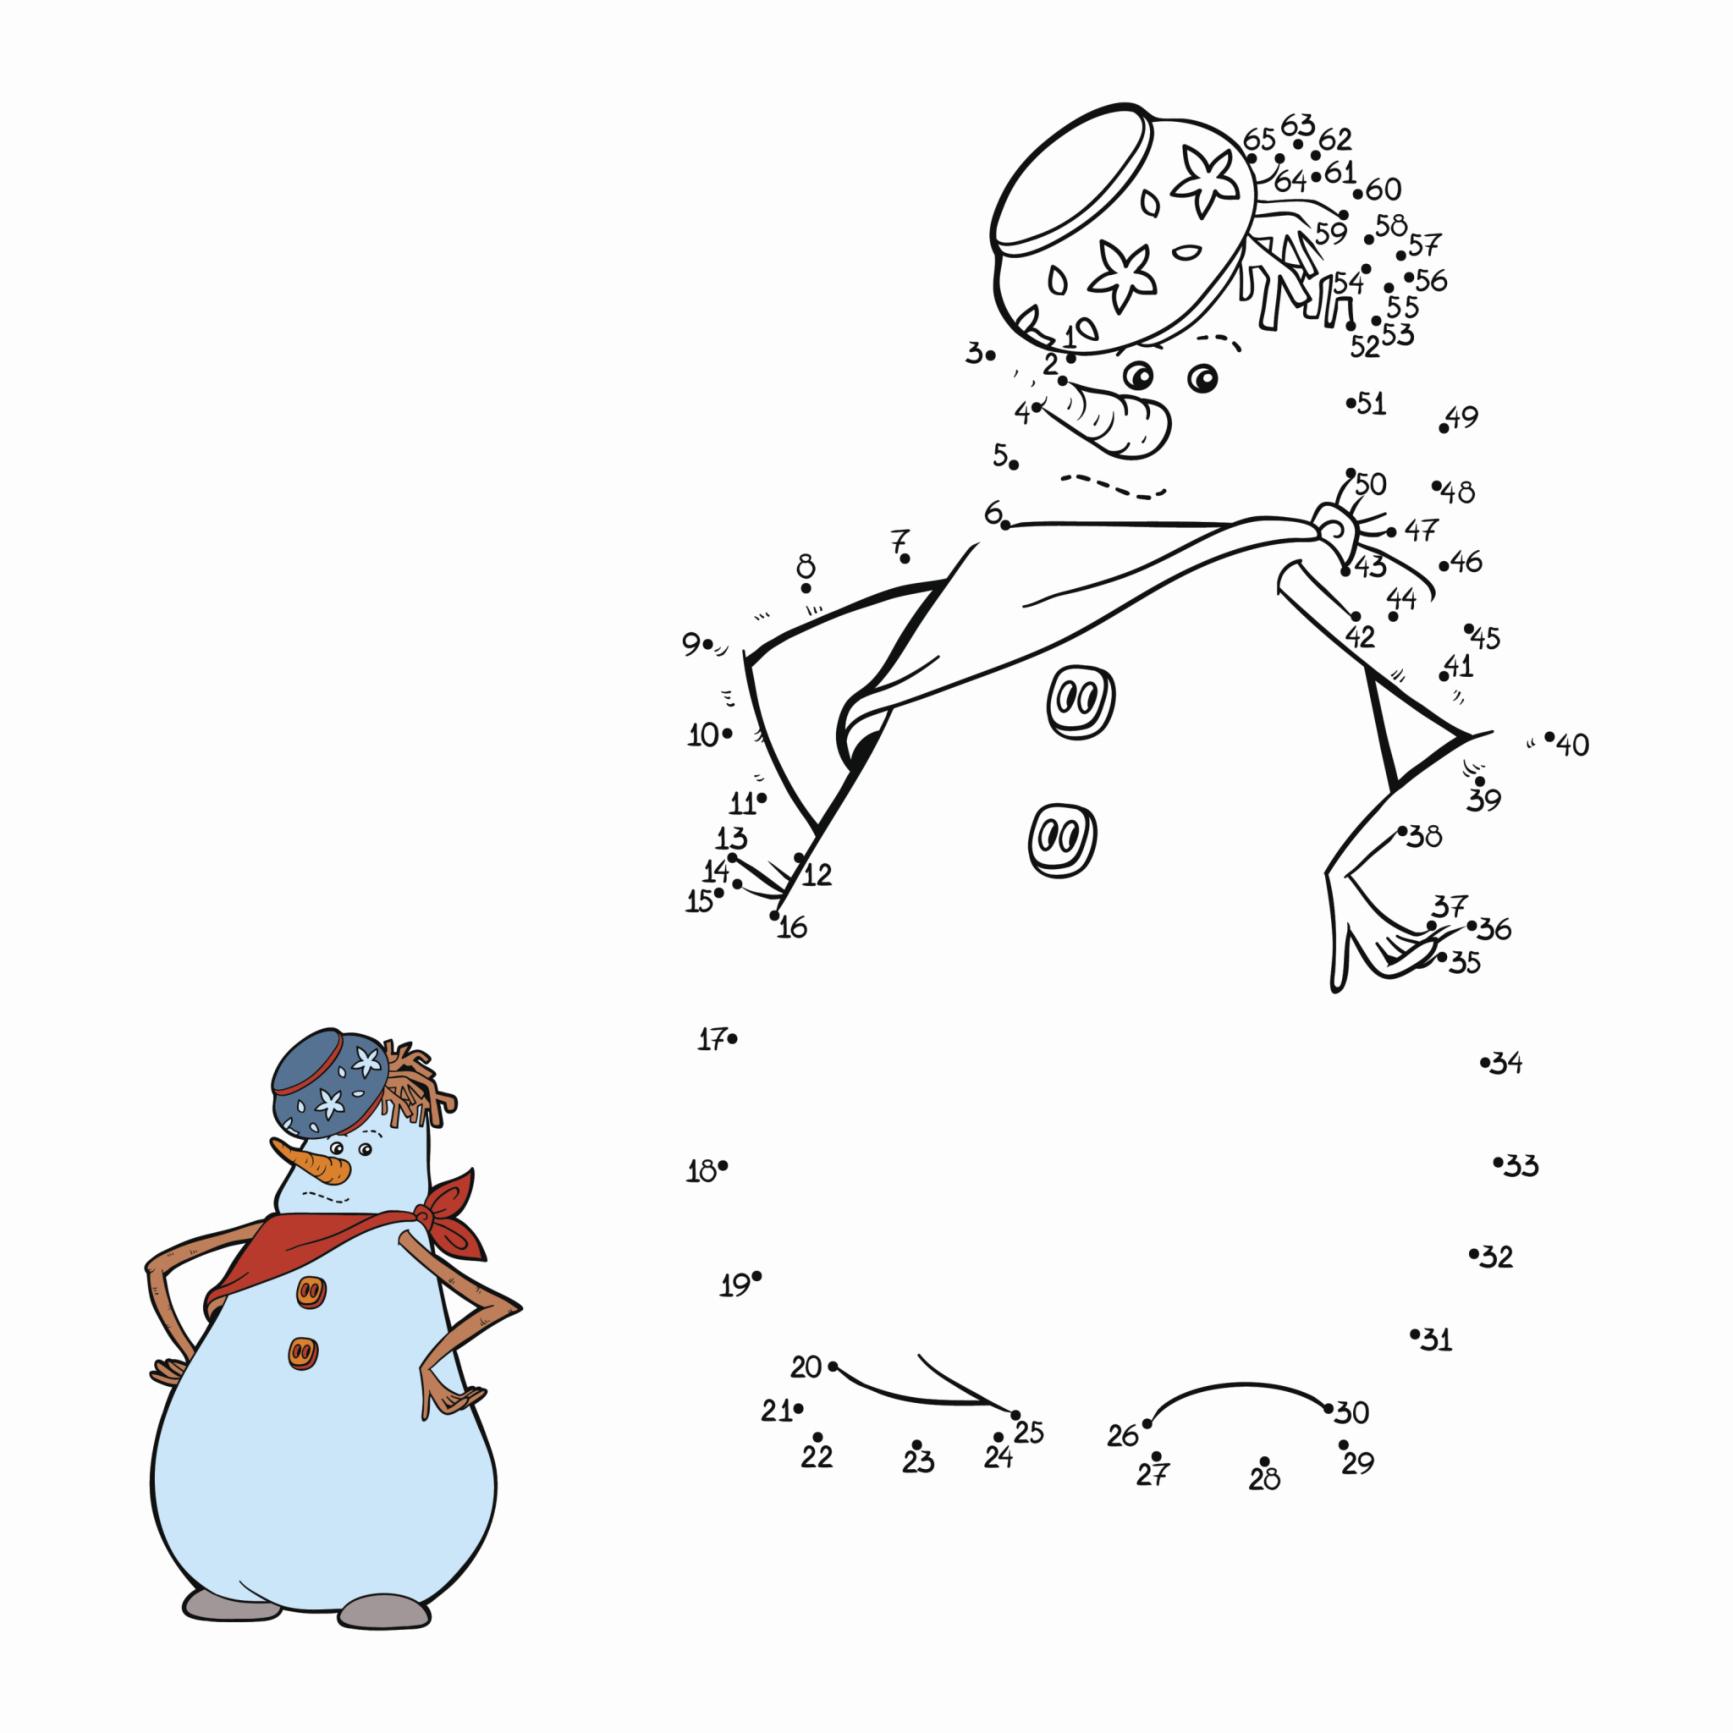 Point À Relier : Nos Modèles De Noël À Imprimer ! - Famili.fr dedans Jeux De Points À Relier